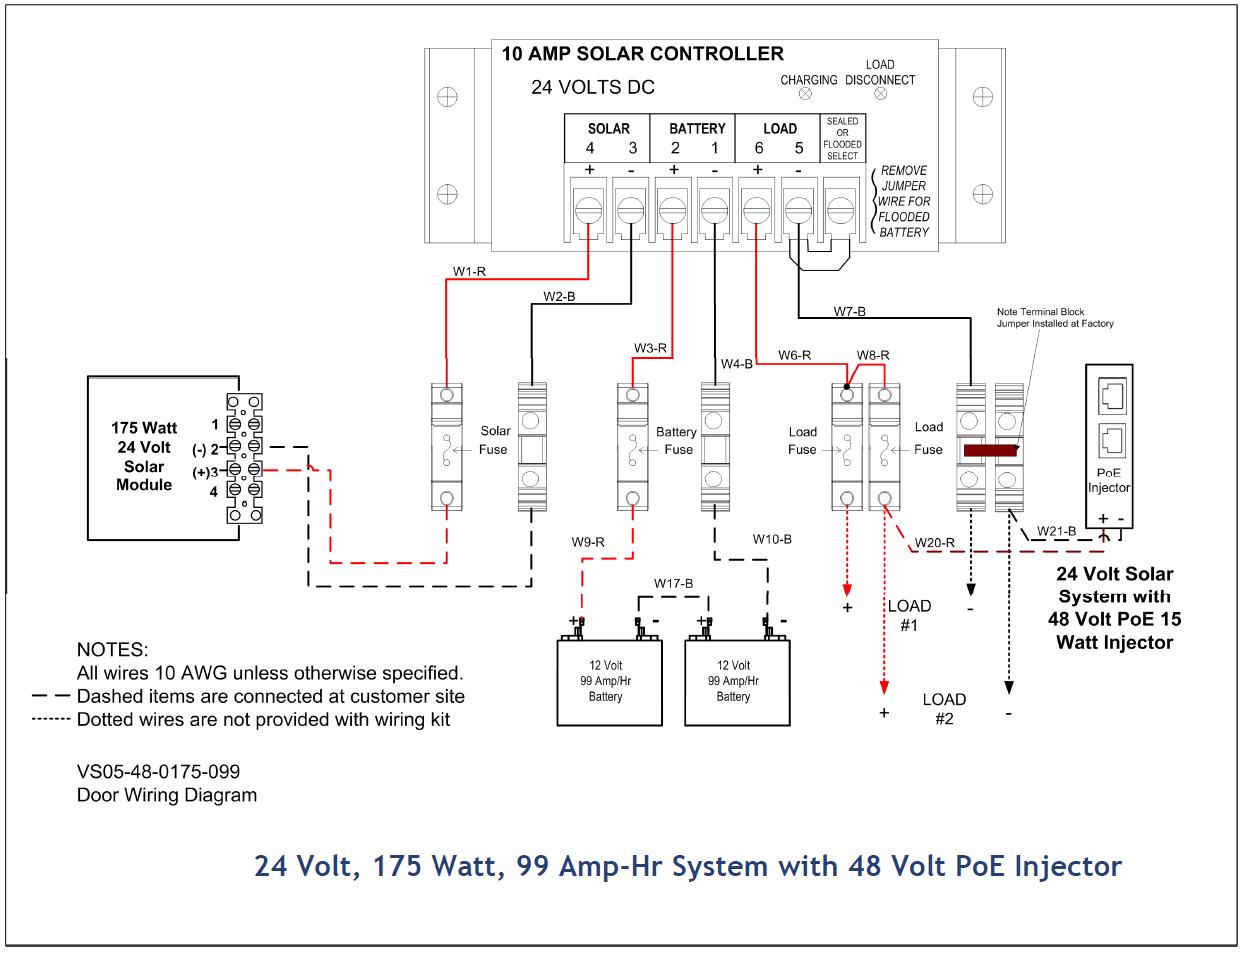 12 Volt Dc To 24 Volt Dc Wiring Diagram | Wiring Library - 24 Volt Wiring Diagram